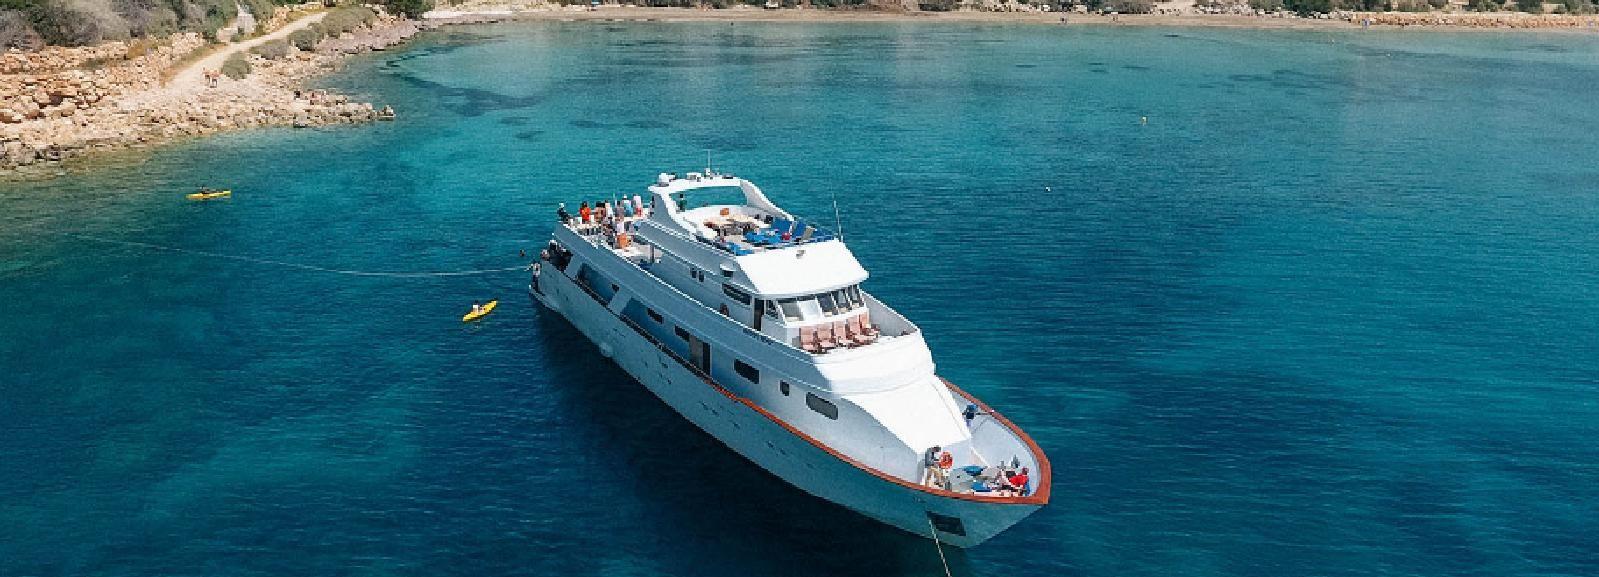 Pafos: Crucero en avioneta en el océano solo para adultos